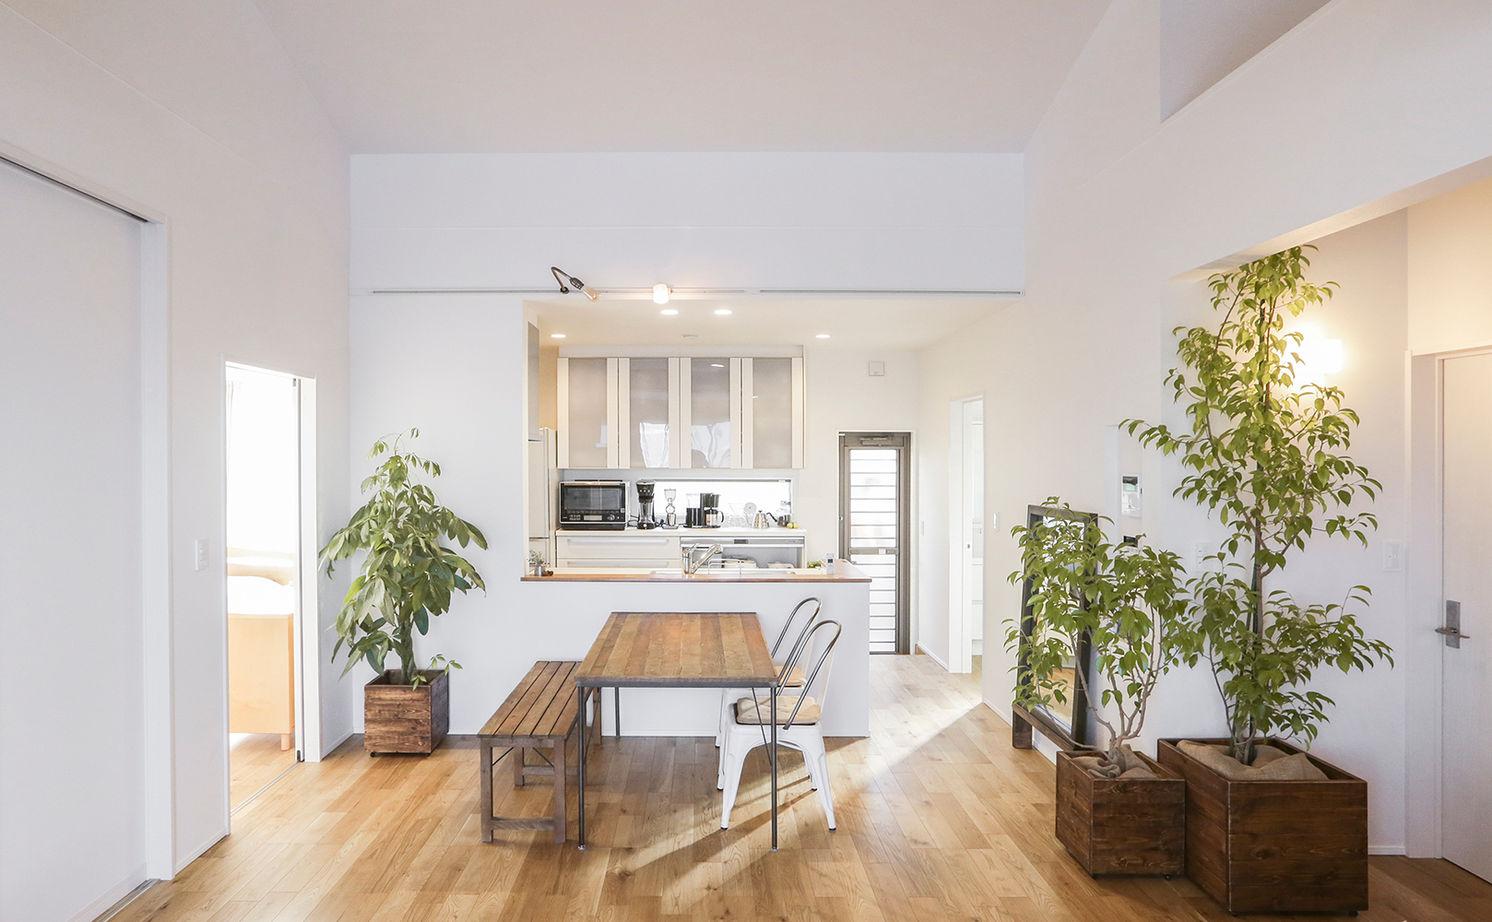 【平屋住宅×おしゃれ×1000万円台】空間を活かしたコンパクト設計のデザイナーズ住宅  間取り図画像3